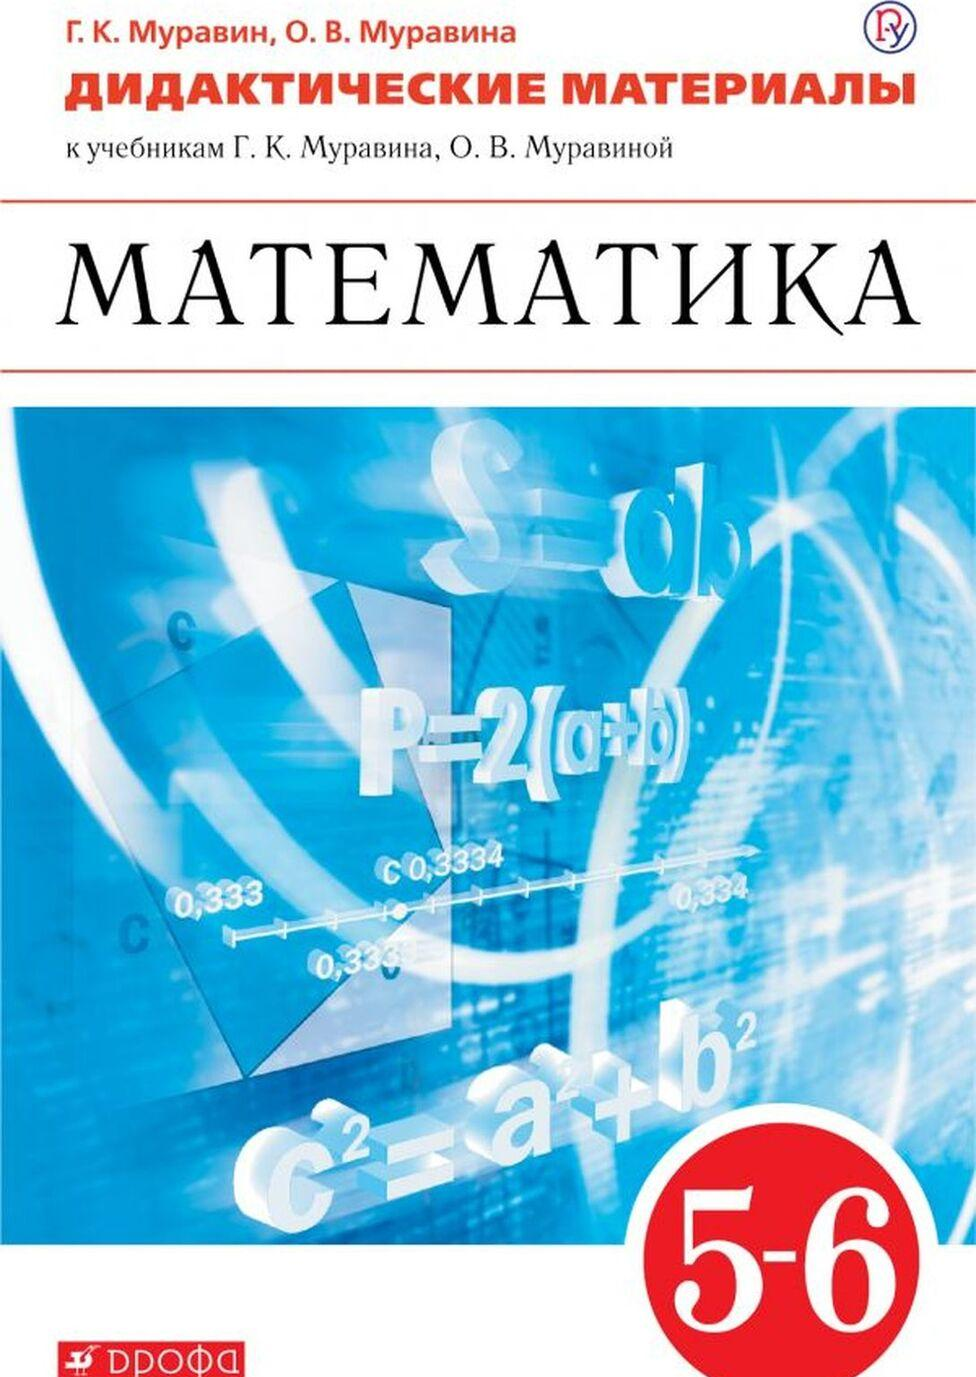 Matematika. 5-6 klassy. Didakticheskie materialy. K uchebnikam G. K. Muravina, O. V. Muravinoj | Muravin Georgij Konstantinovich, Muravina Olga Viktorovna